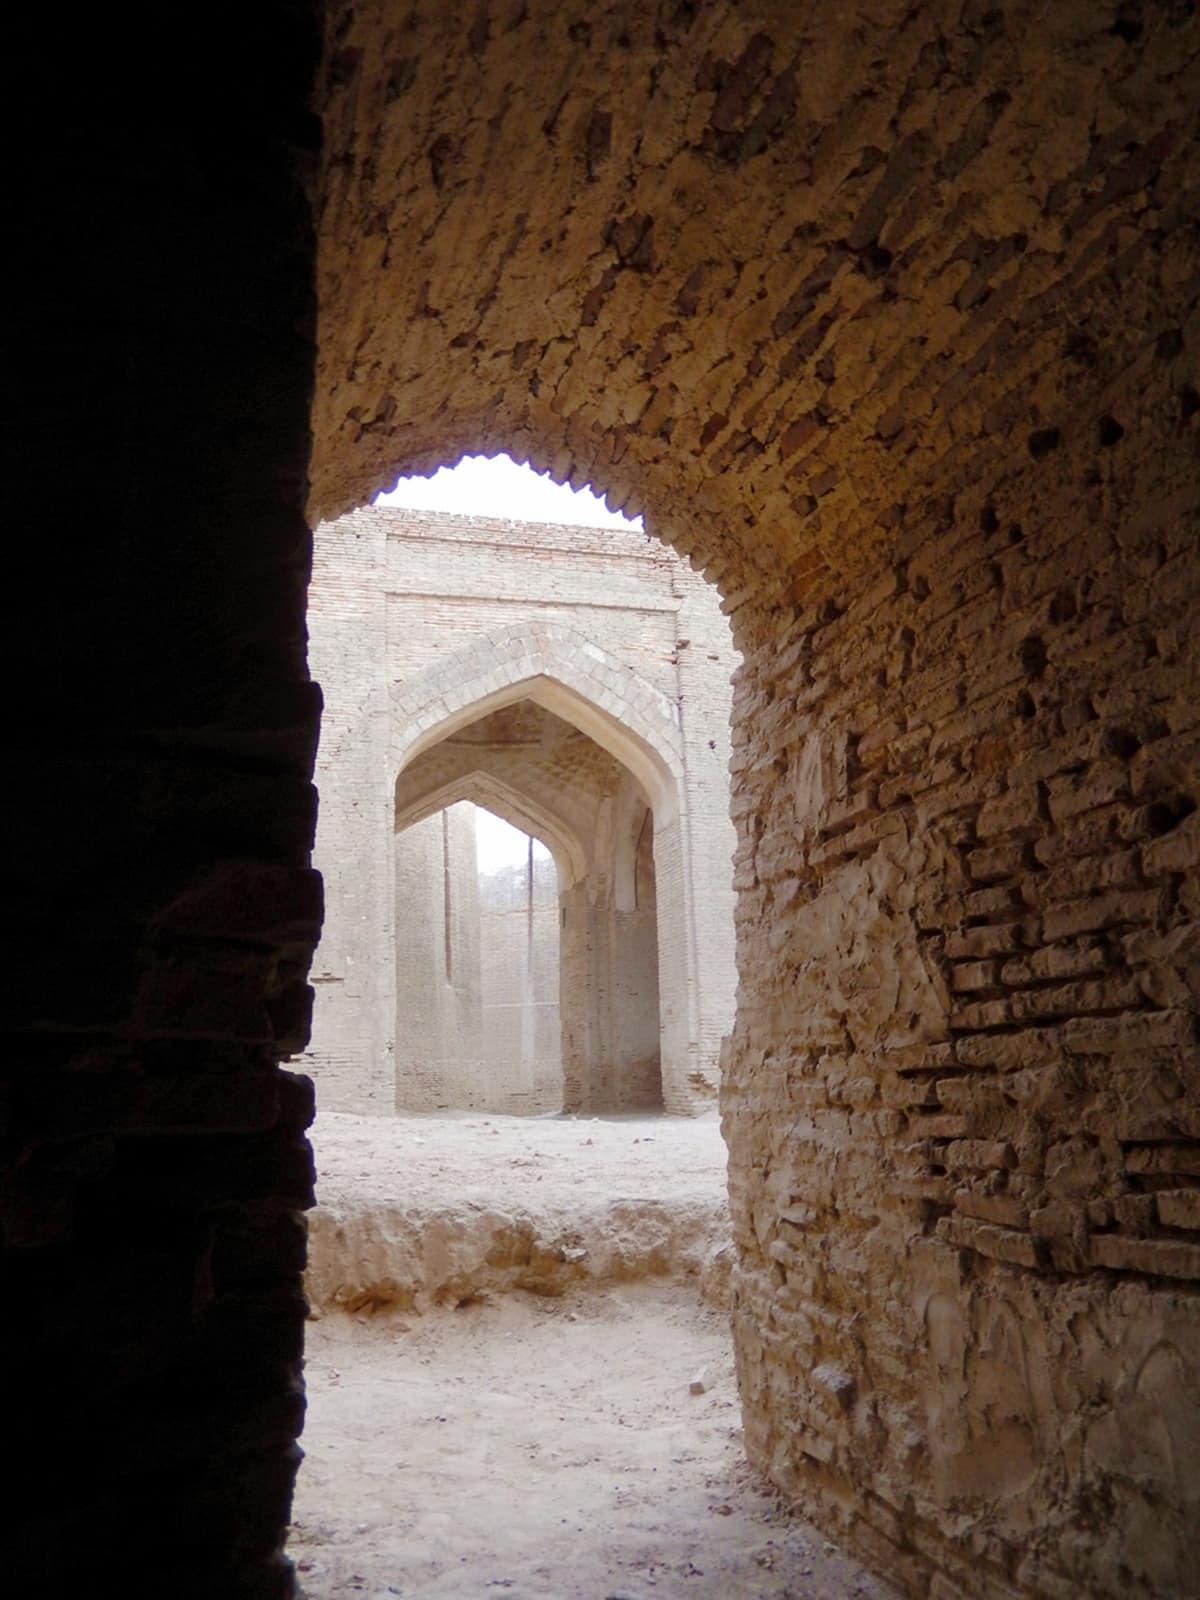 بیرکس کے دروازے سے مرکزی دروازے کا منظر